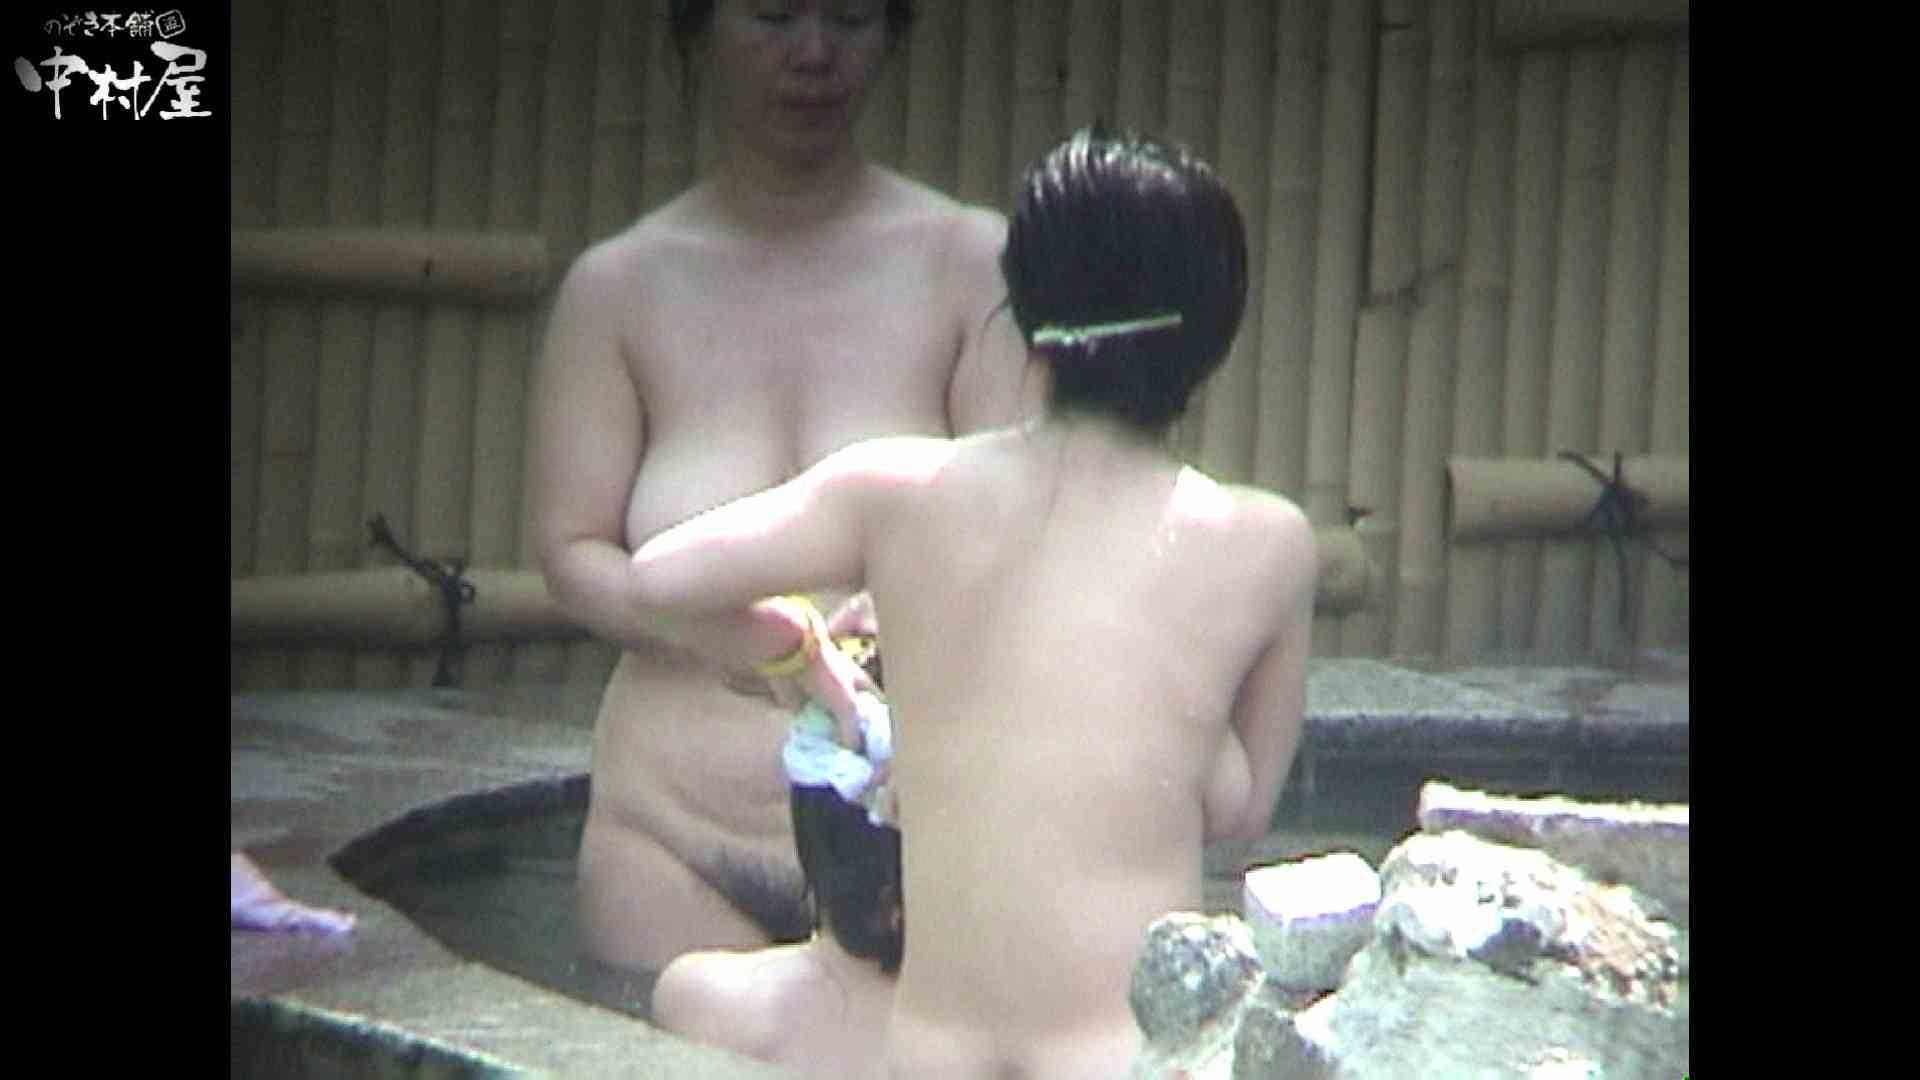 Aquaな露天風呂Vol.936 盗撮  75画像 69